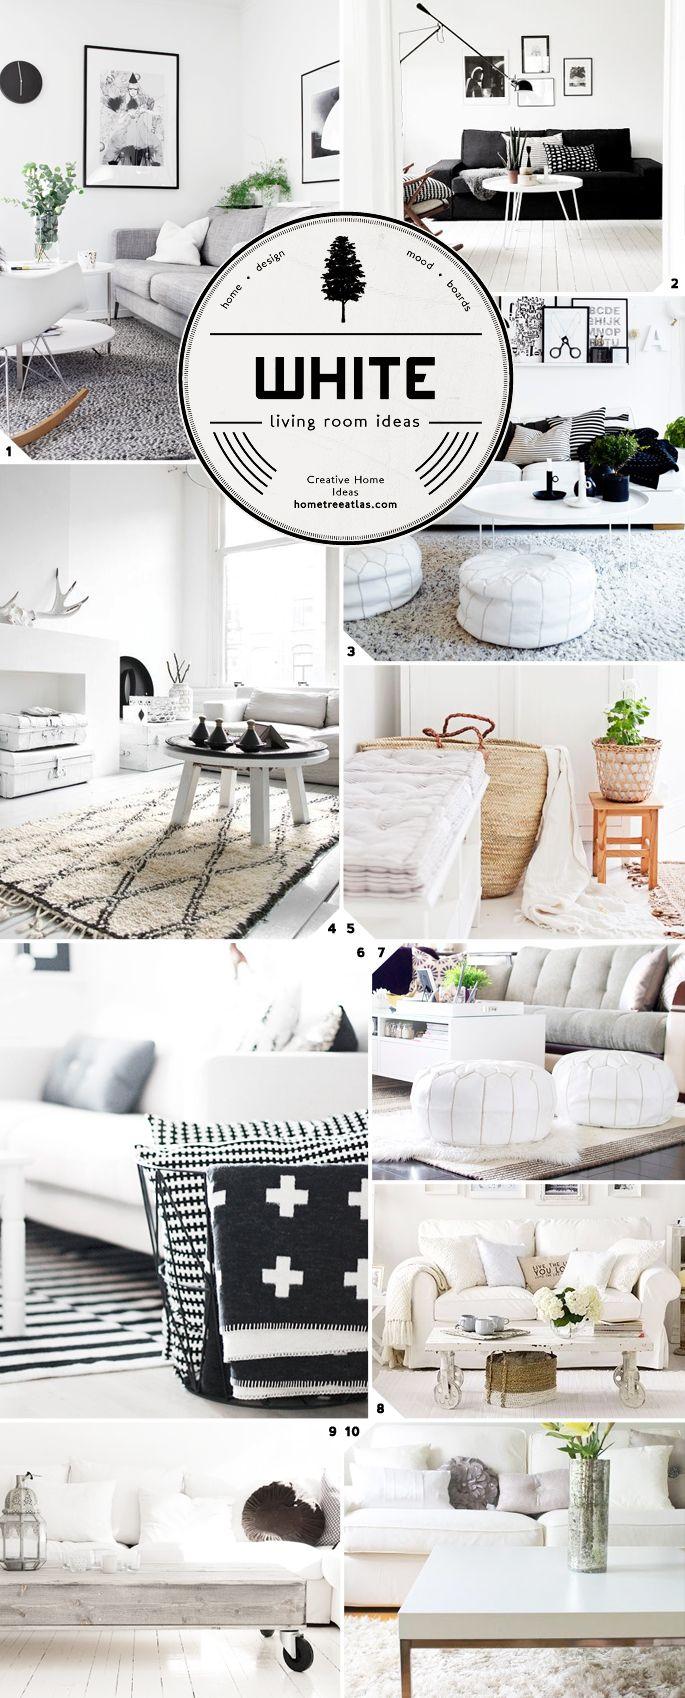 White living room design ideas..